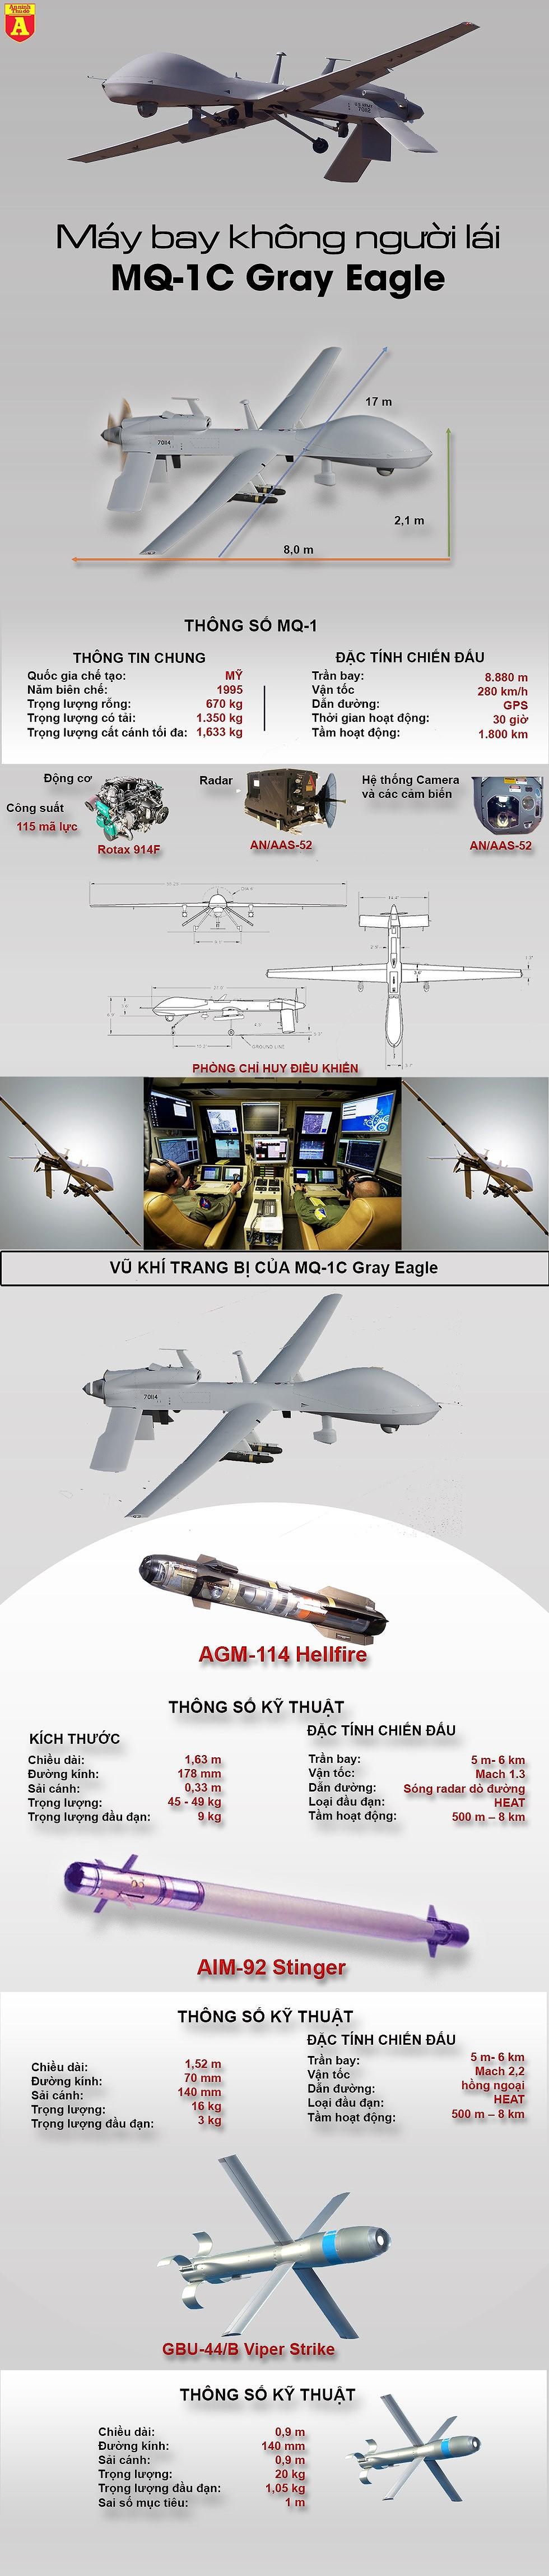 """[Infographics] Phiến quân hồi giáo vừa bắn rụng """"Đại bàng xám"""" do Mỹ chế tạo - Ảnh 1"""